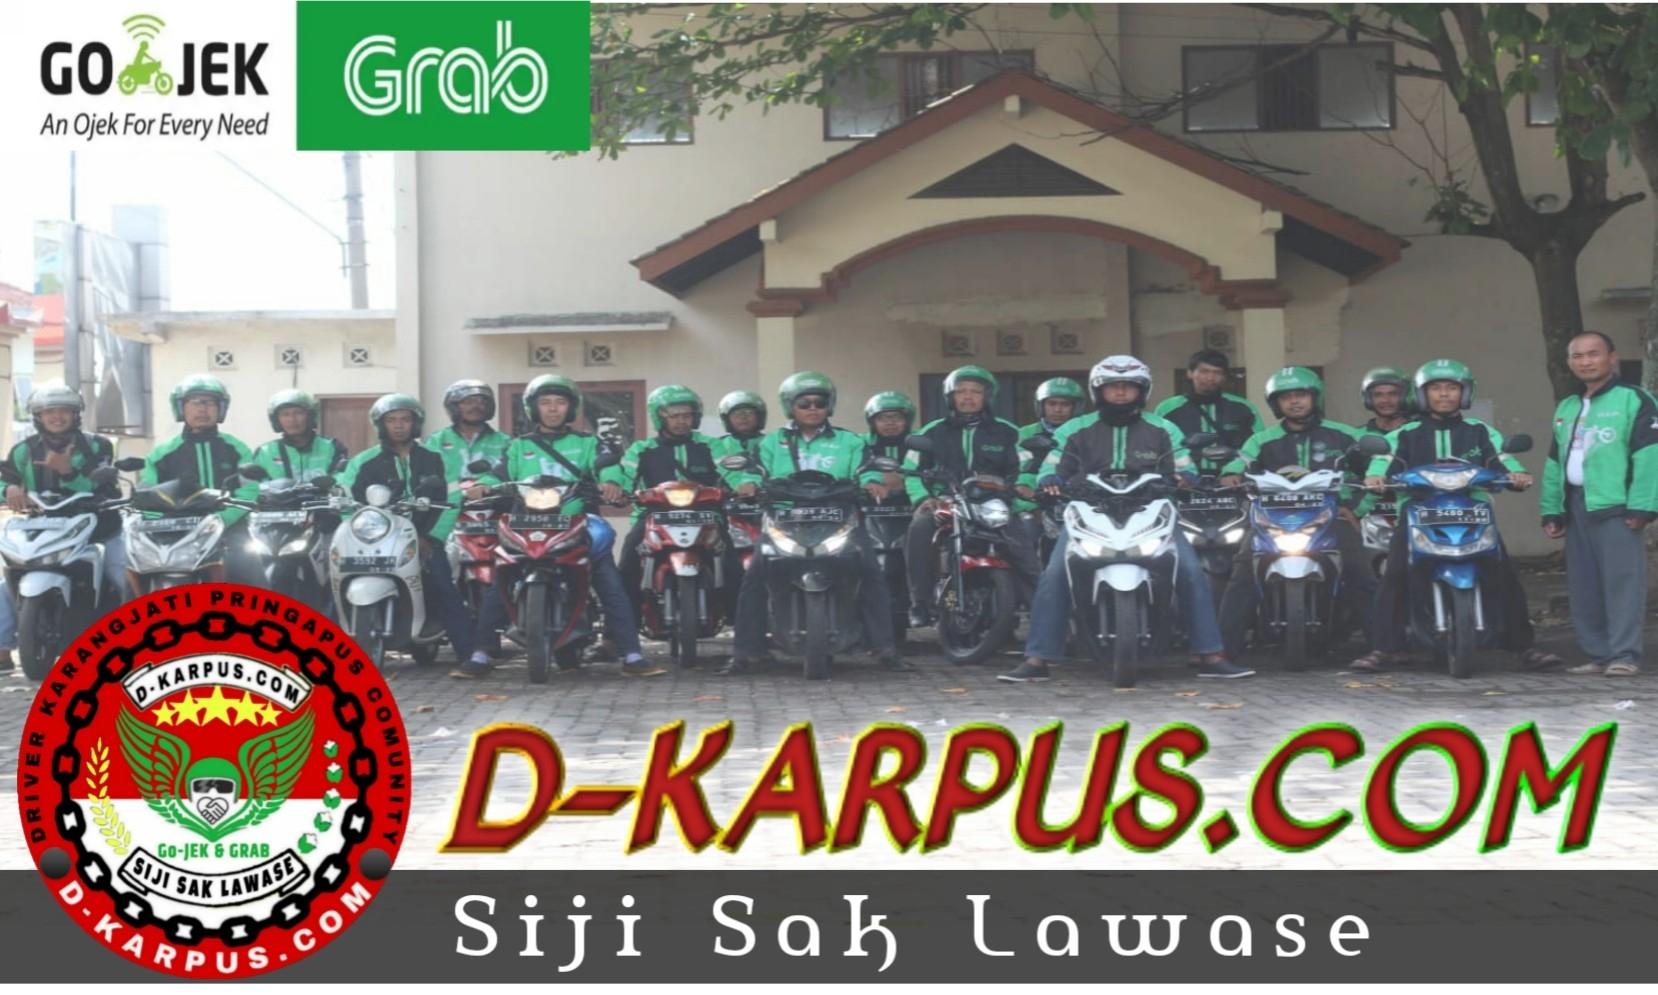 D-KARPUS.COM 1